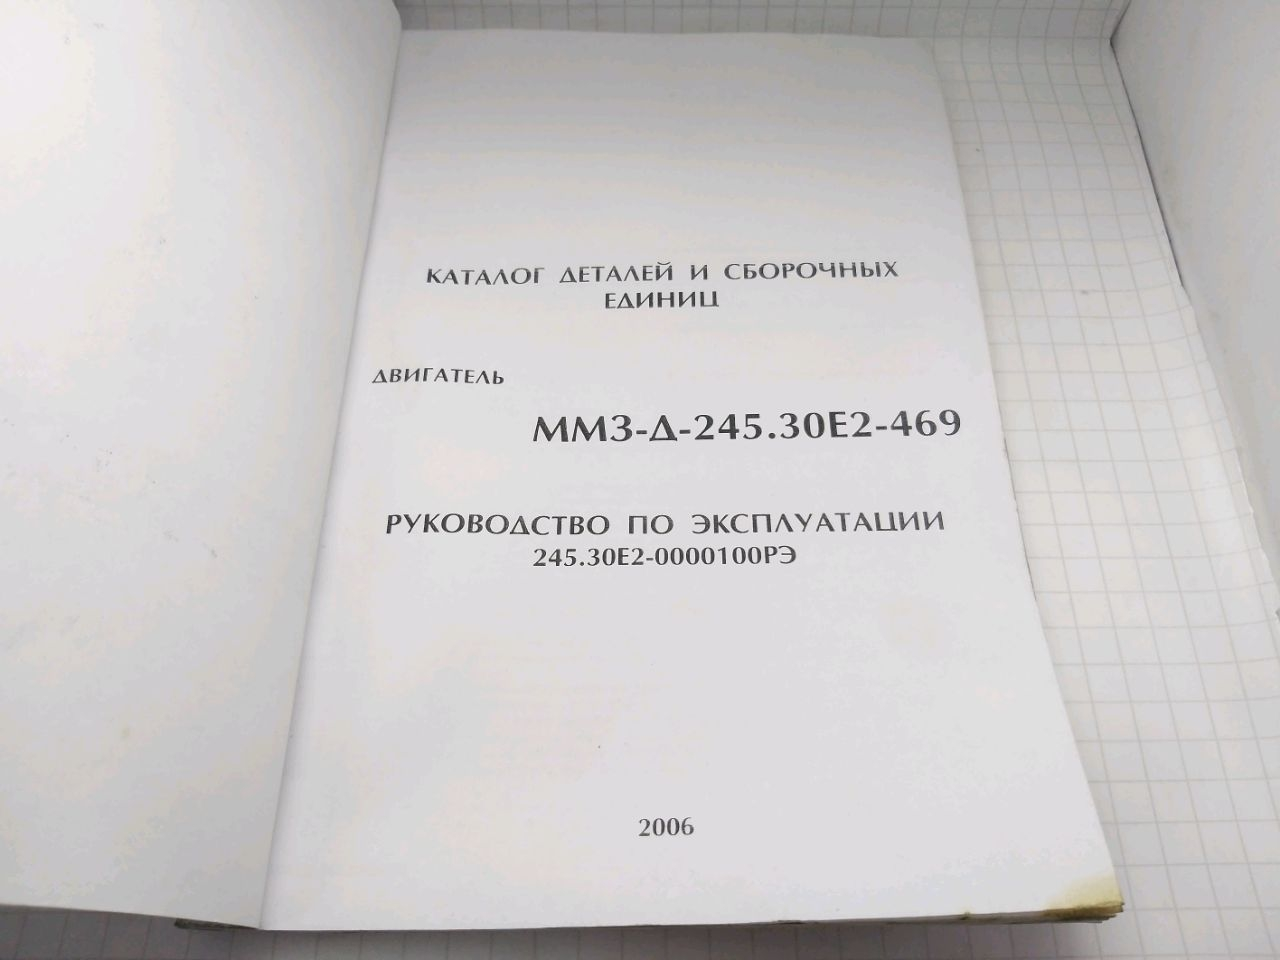 Catalog MMZ-245 (instrucţiune la exploatare)